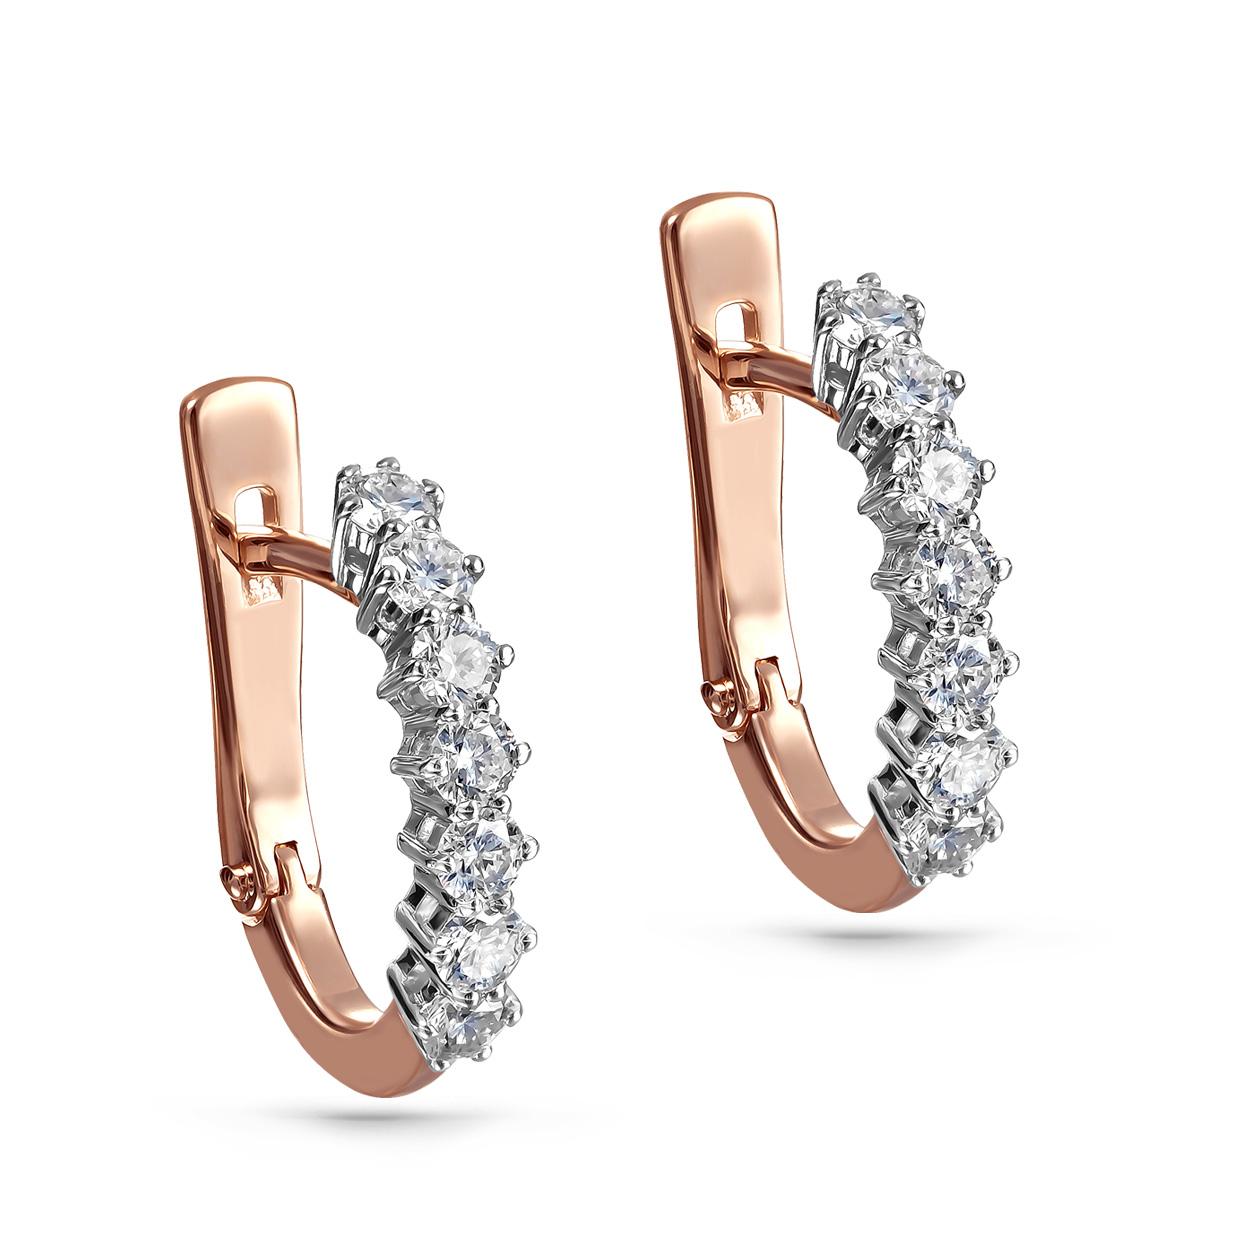 Золотые серьги с бриллиантом арт. 12-01128-1000 12-01128-1000